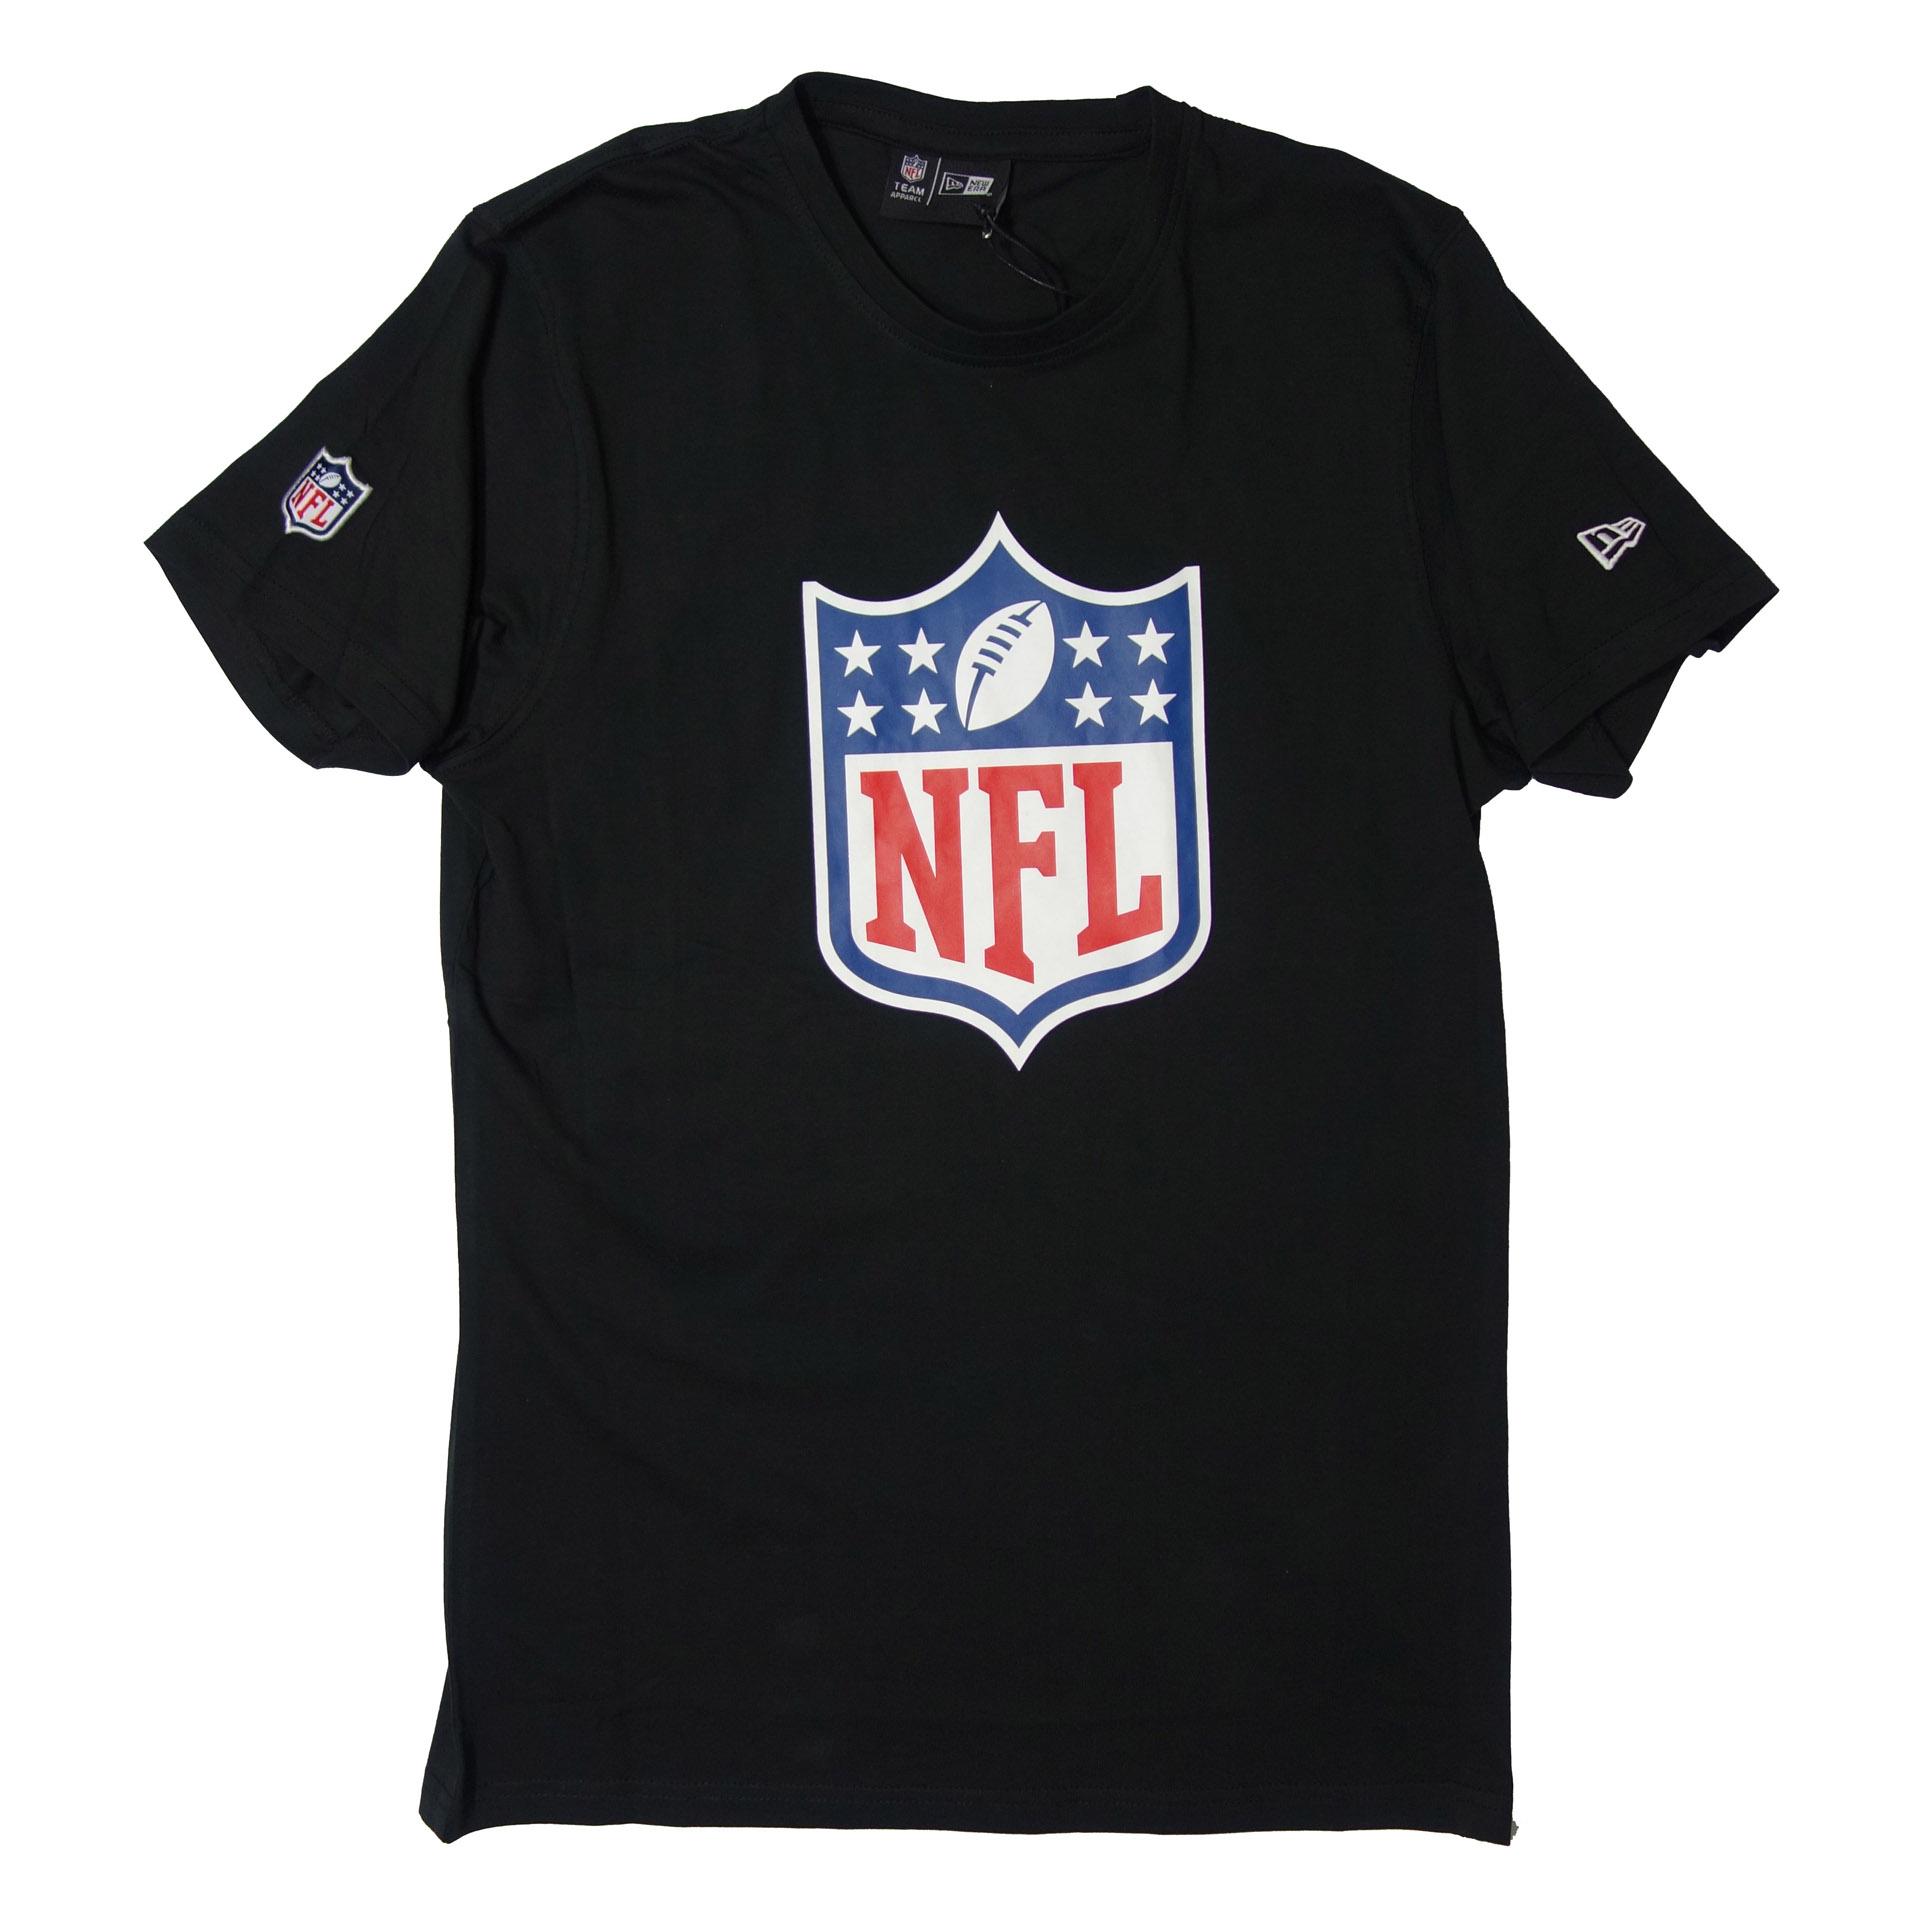 NFL T-Shirt National Football League Logo